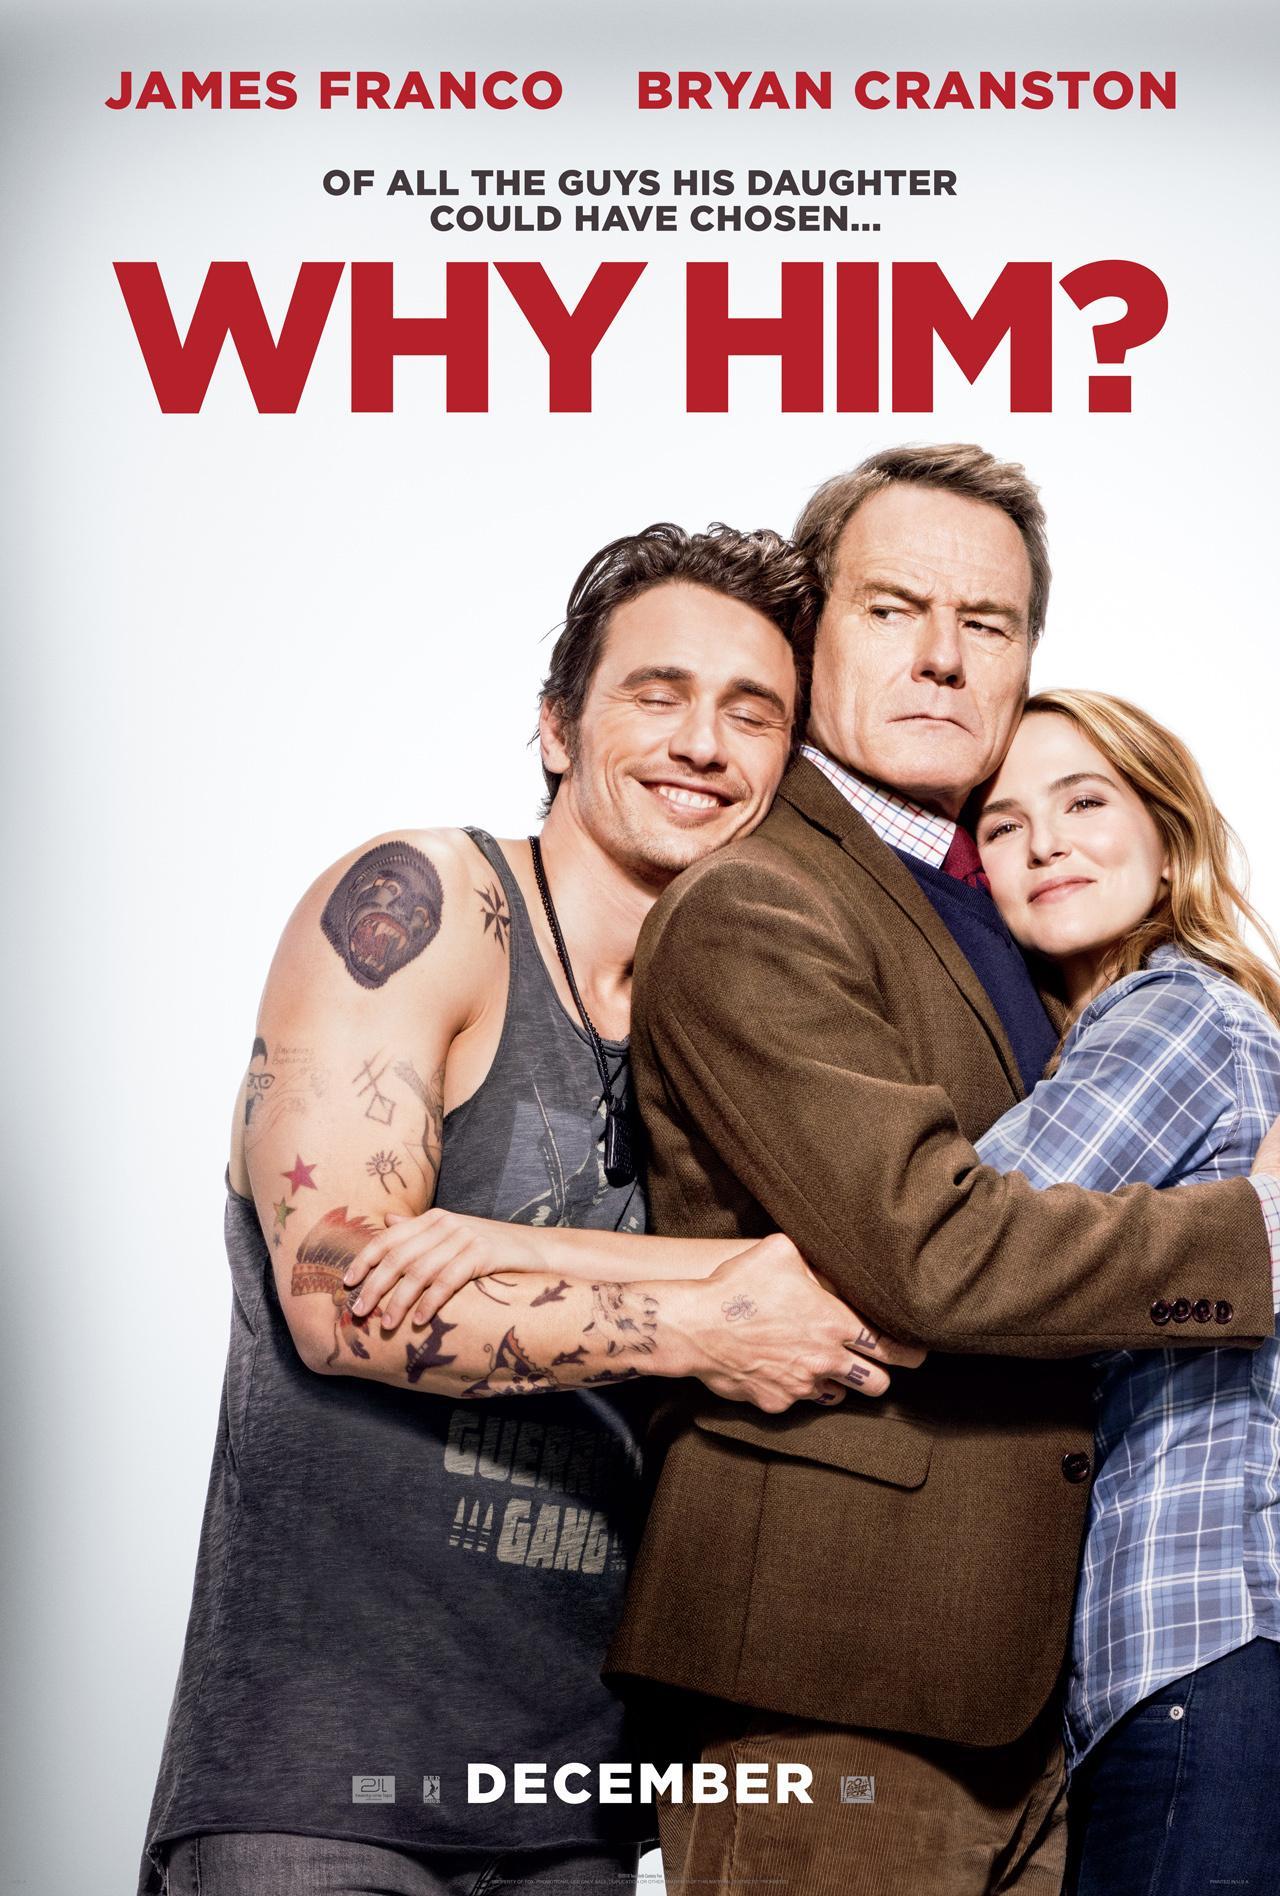 《为什么是他》(Why Him?)曝限制级预告 老白&付兰兰上演准岳父VS女婿大战